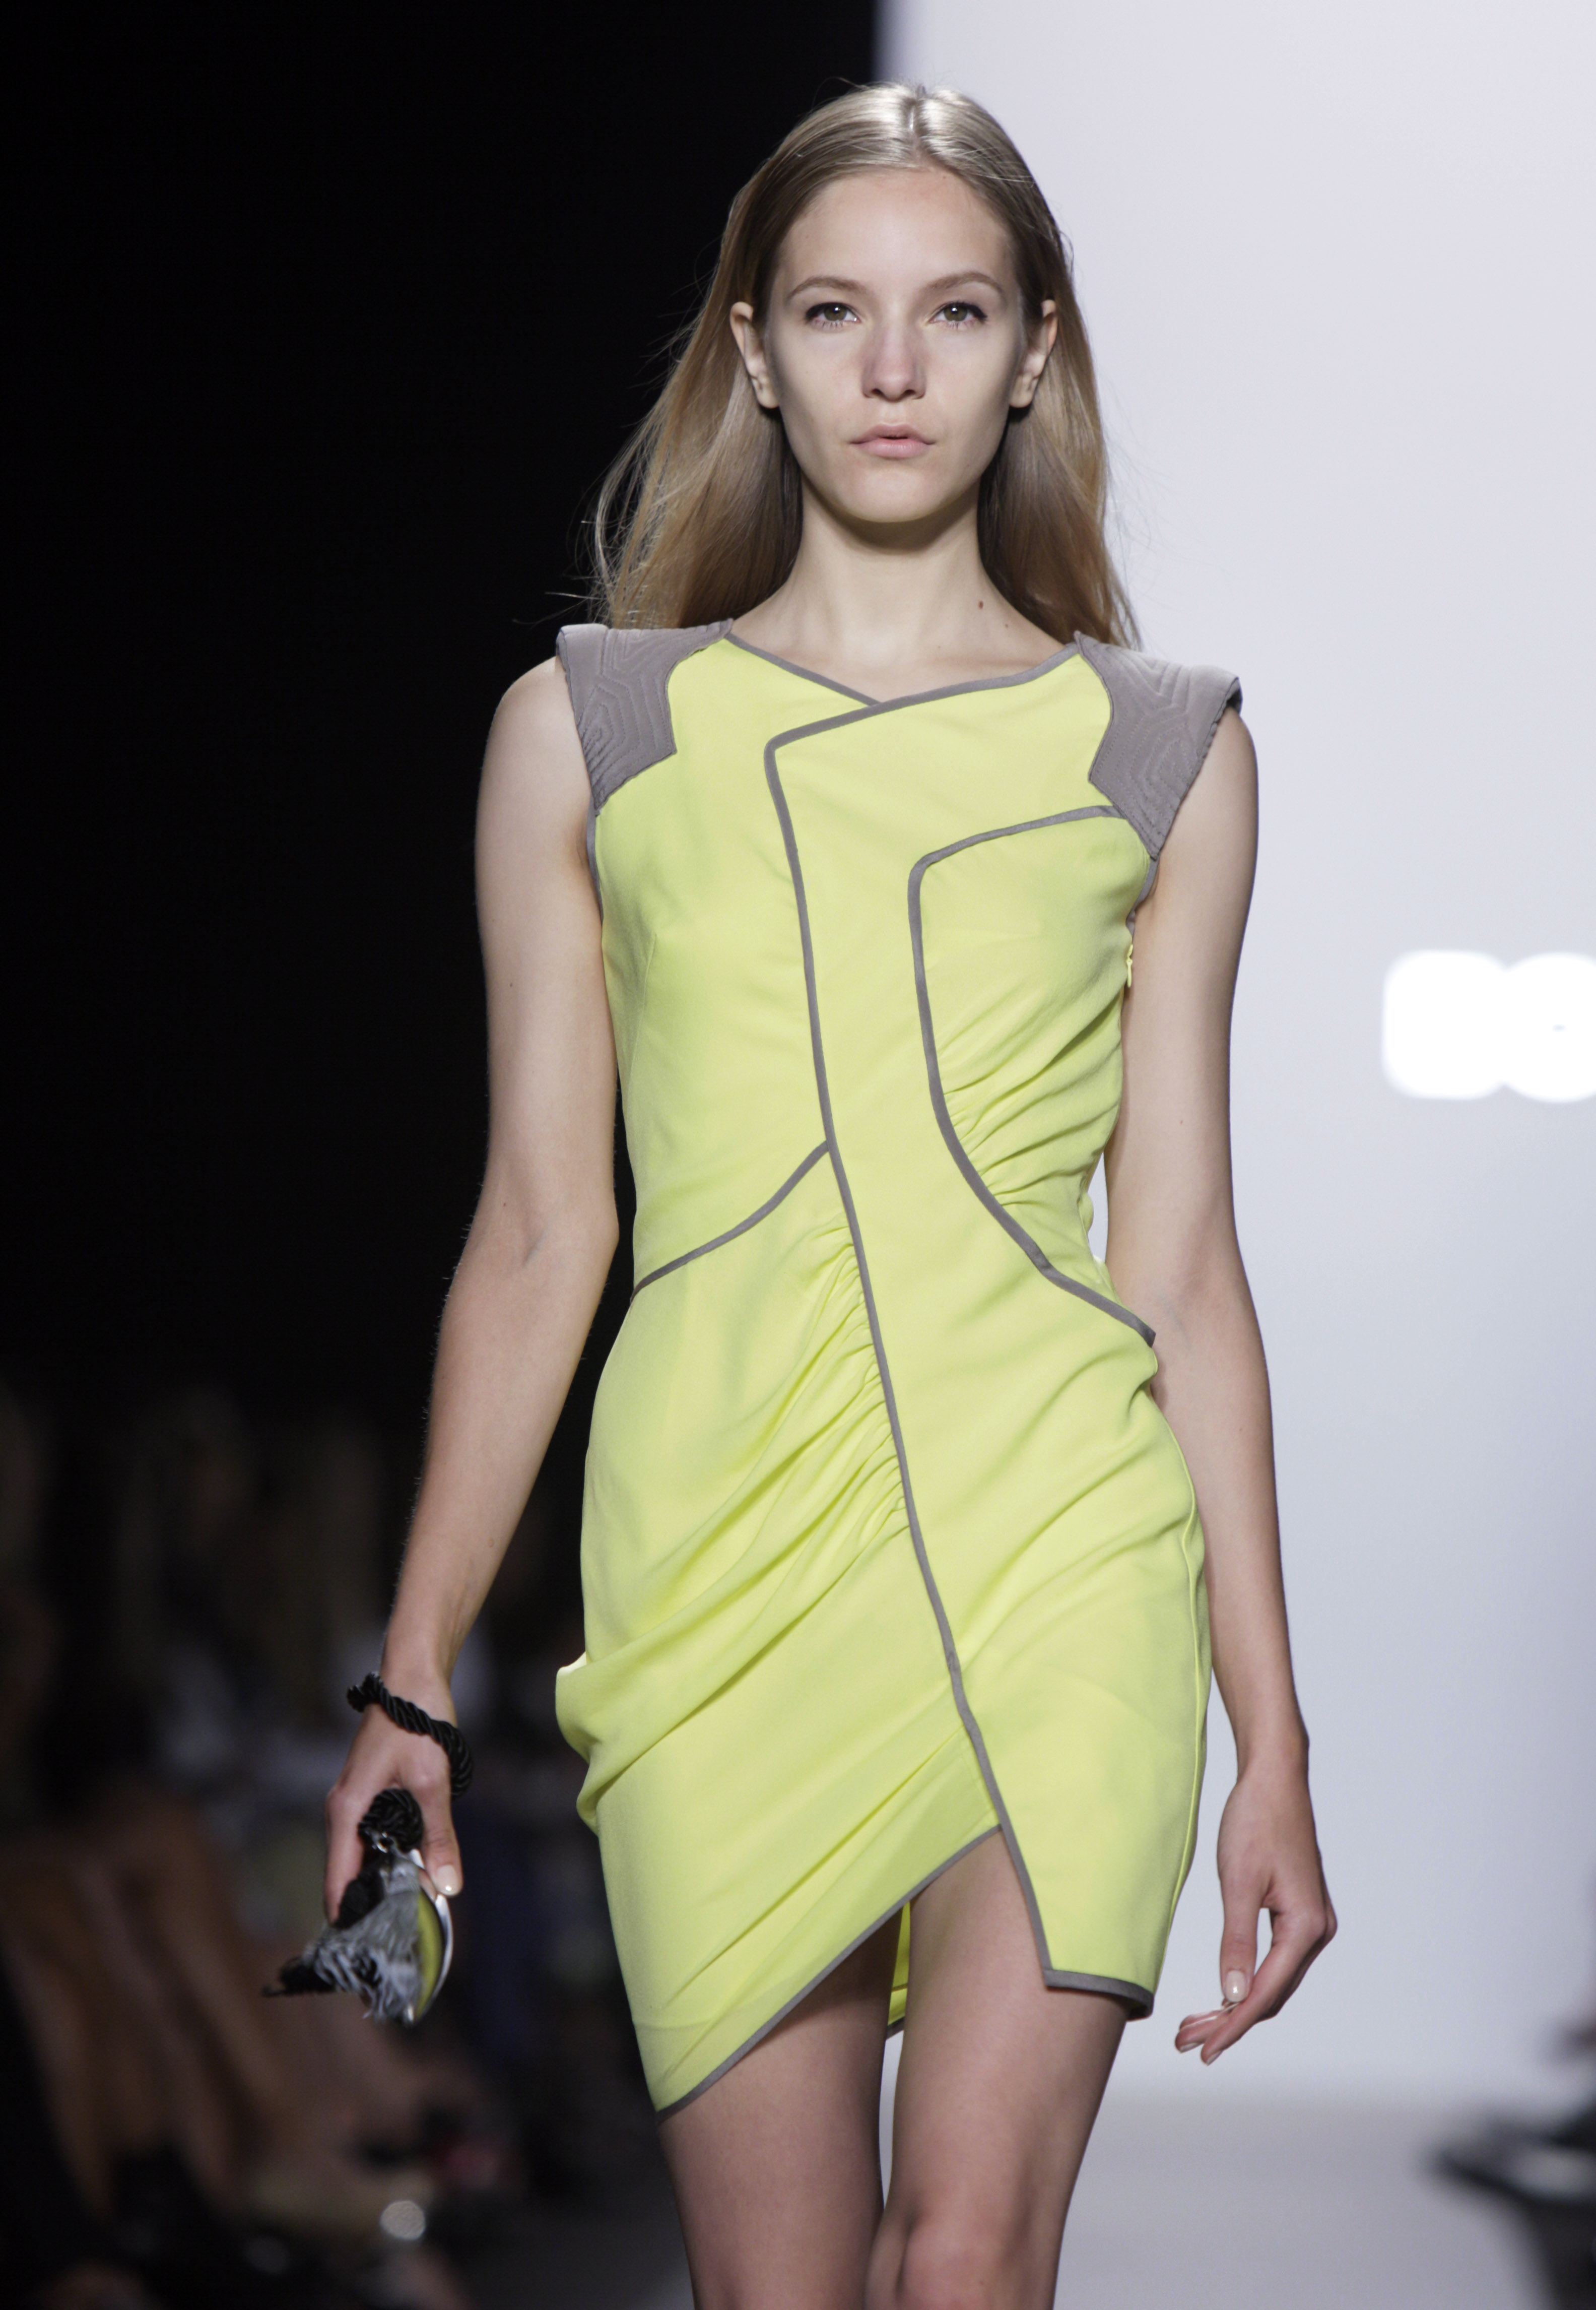 NY Fashion Week kicks off heavy on star power